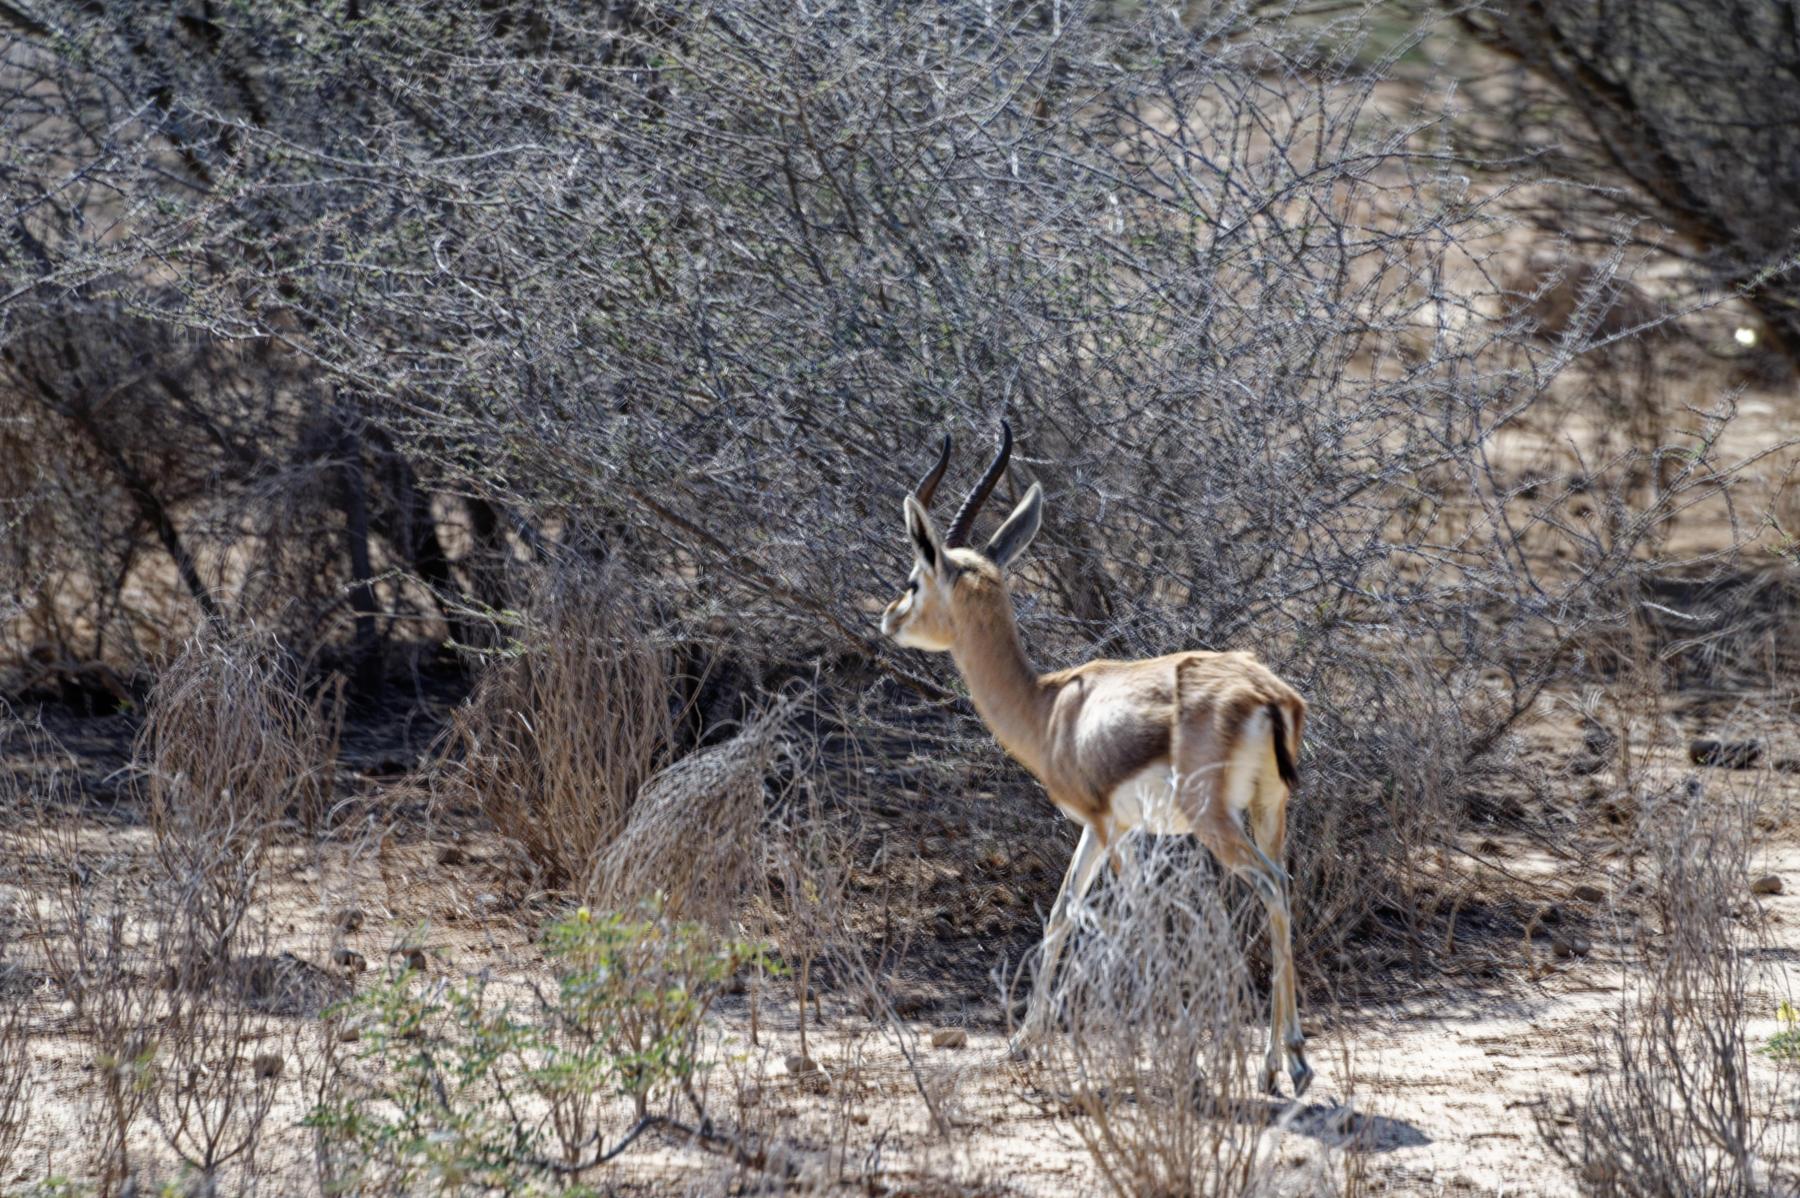 Arabian gazelle, Oman